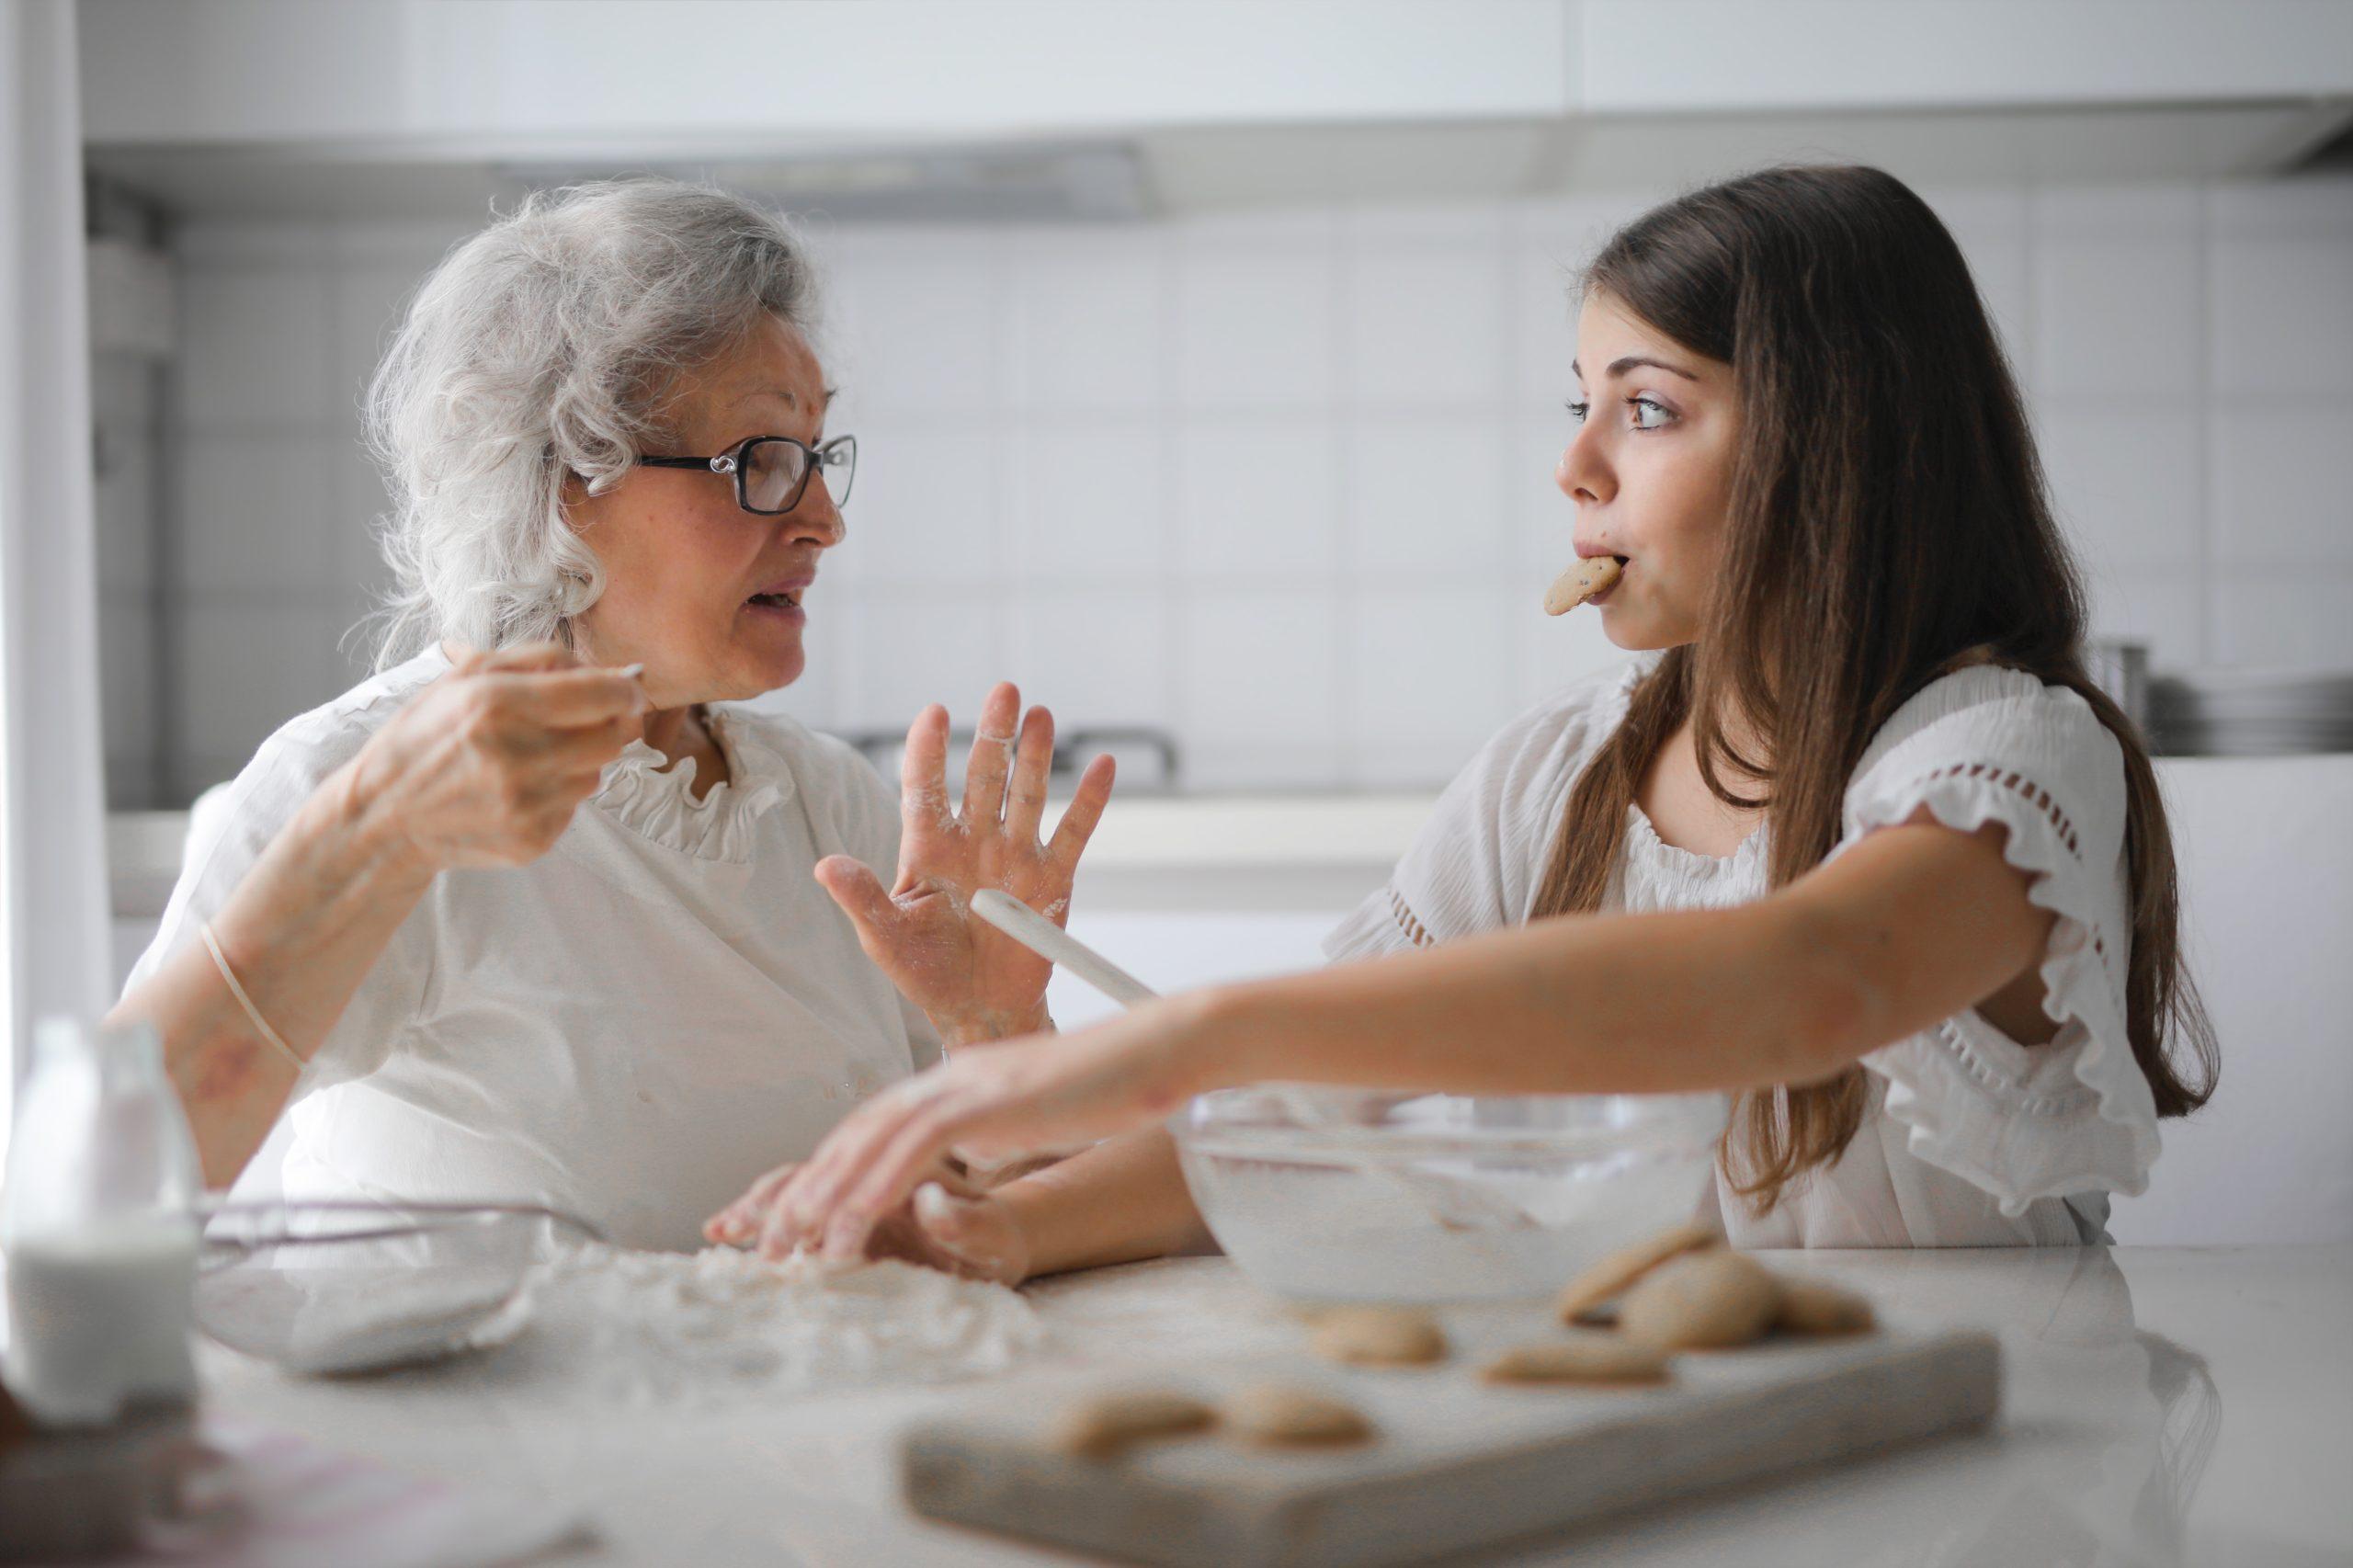 סבתא ונכדה בארוחה משותפת